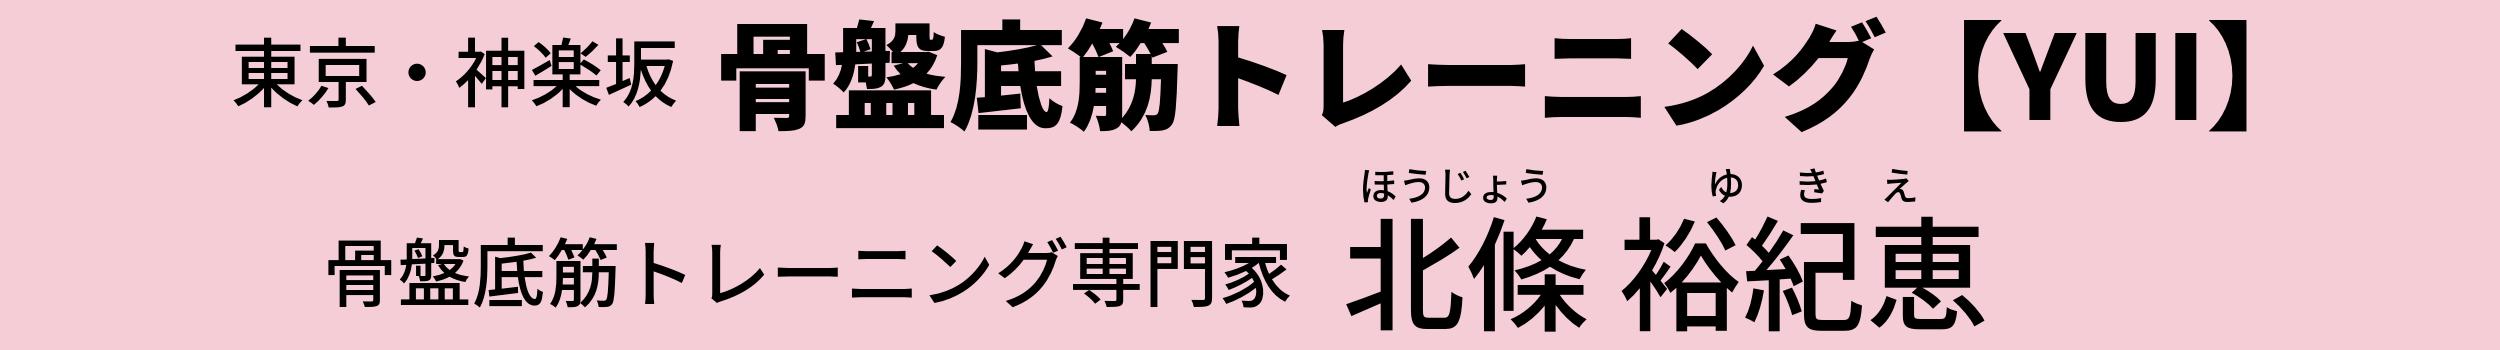 東京新宿区神楽坂 骨盤底筋トレーニング【YUI】 骨盤底筋トレーニング専門家 北條ゆきえ